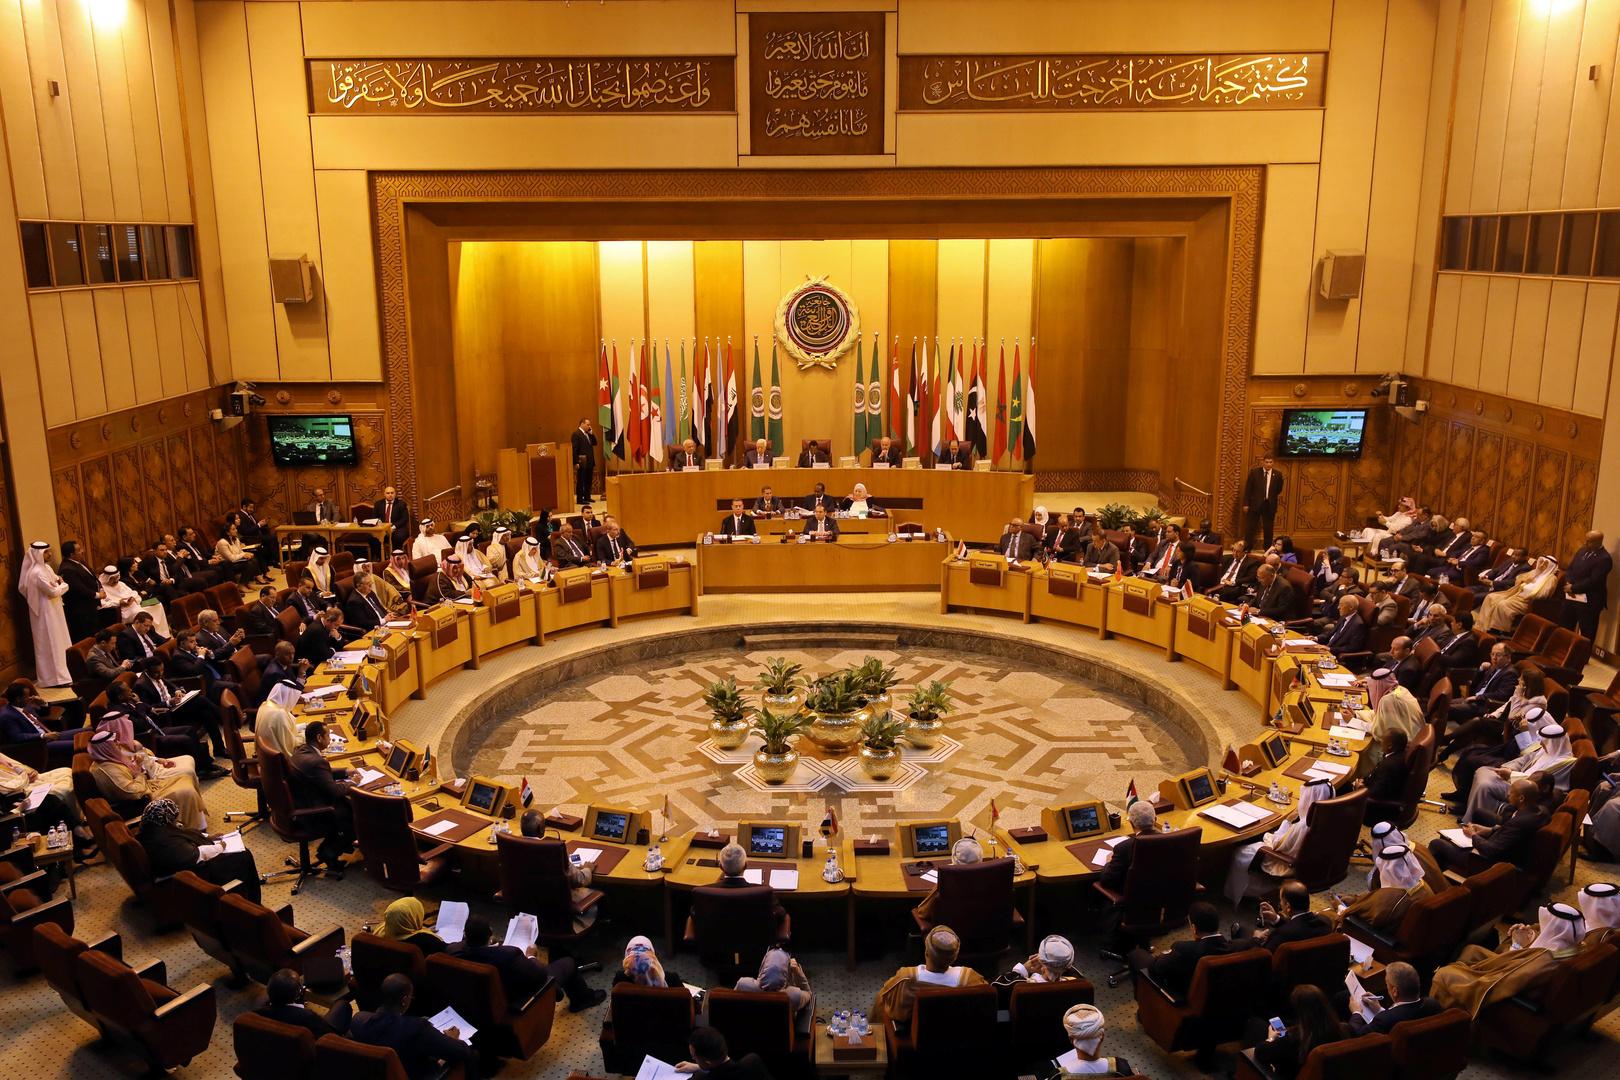 مصر تدعو العرب لوقفة حازمة في قضية القدس